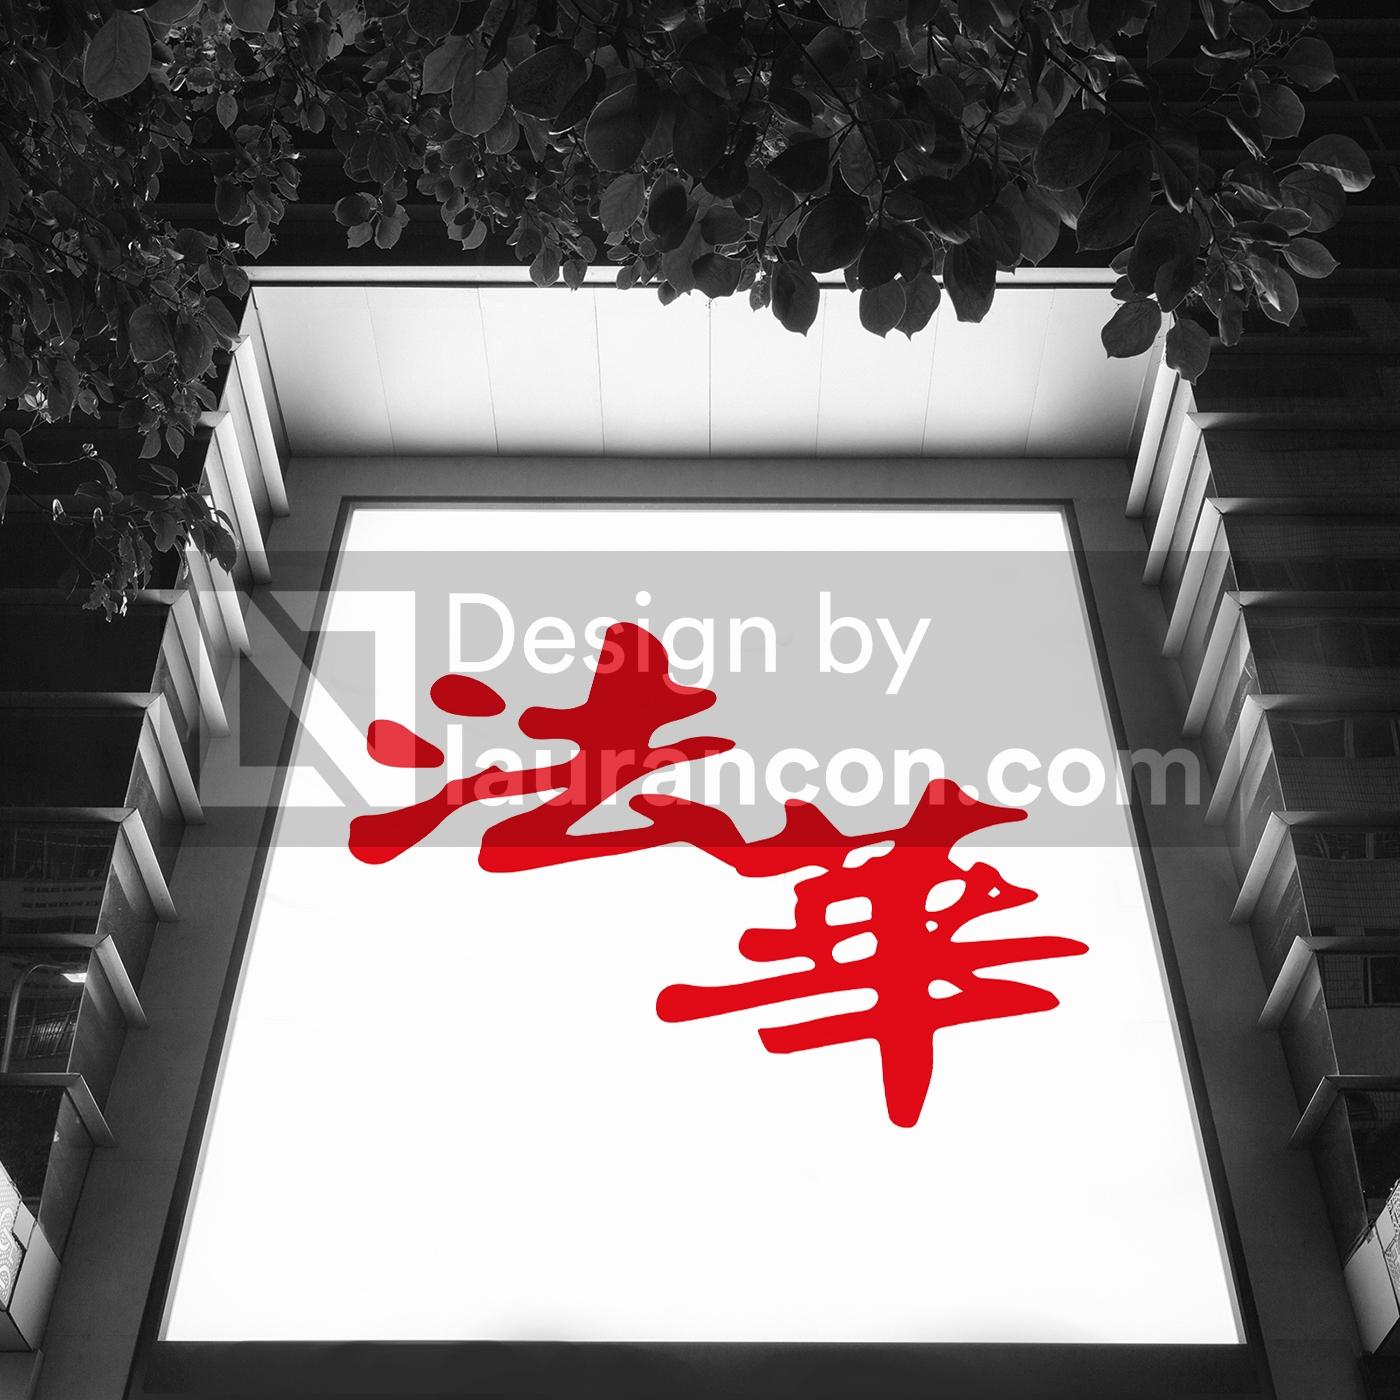 Intégration-CBC_By-Laurancon.com_0018.2_SQUARE